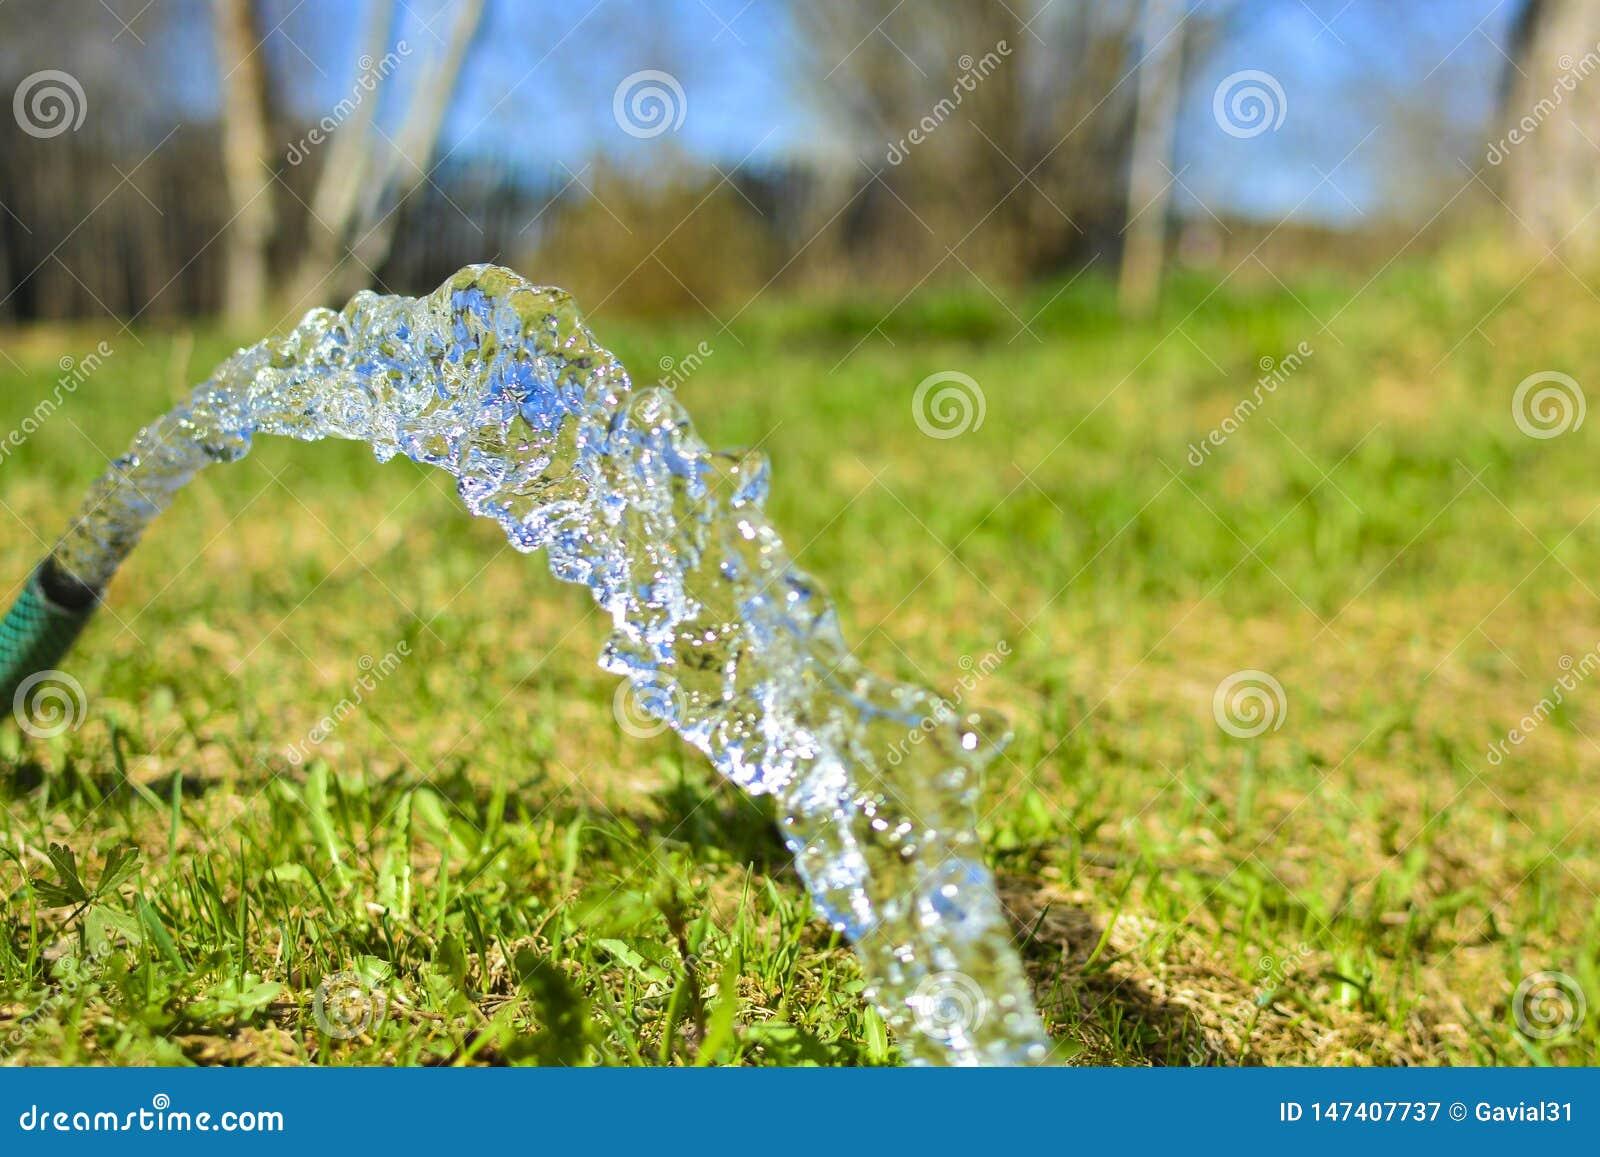 Um córrego da água fresca, limpa, fresca de uma mangueira molhando Conceito: plantas molhando no jardim, agua potável em um local